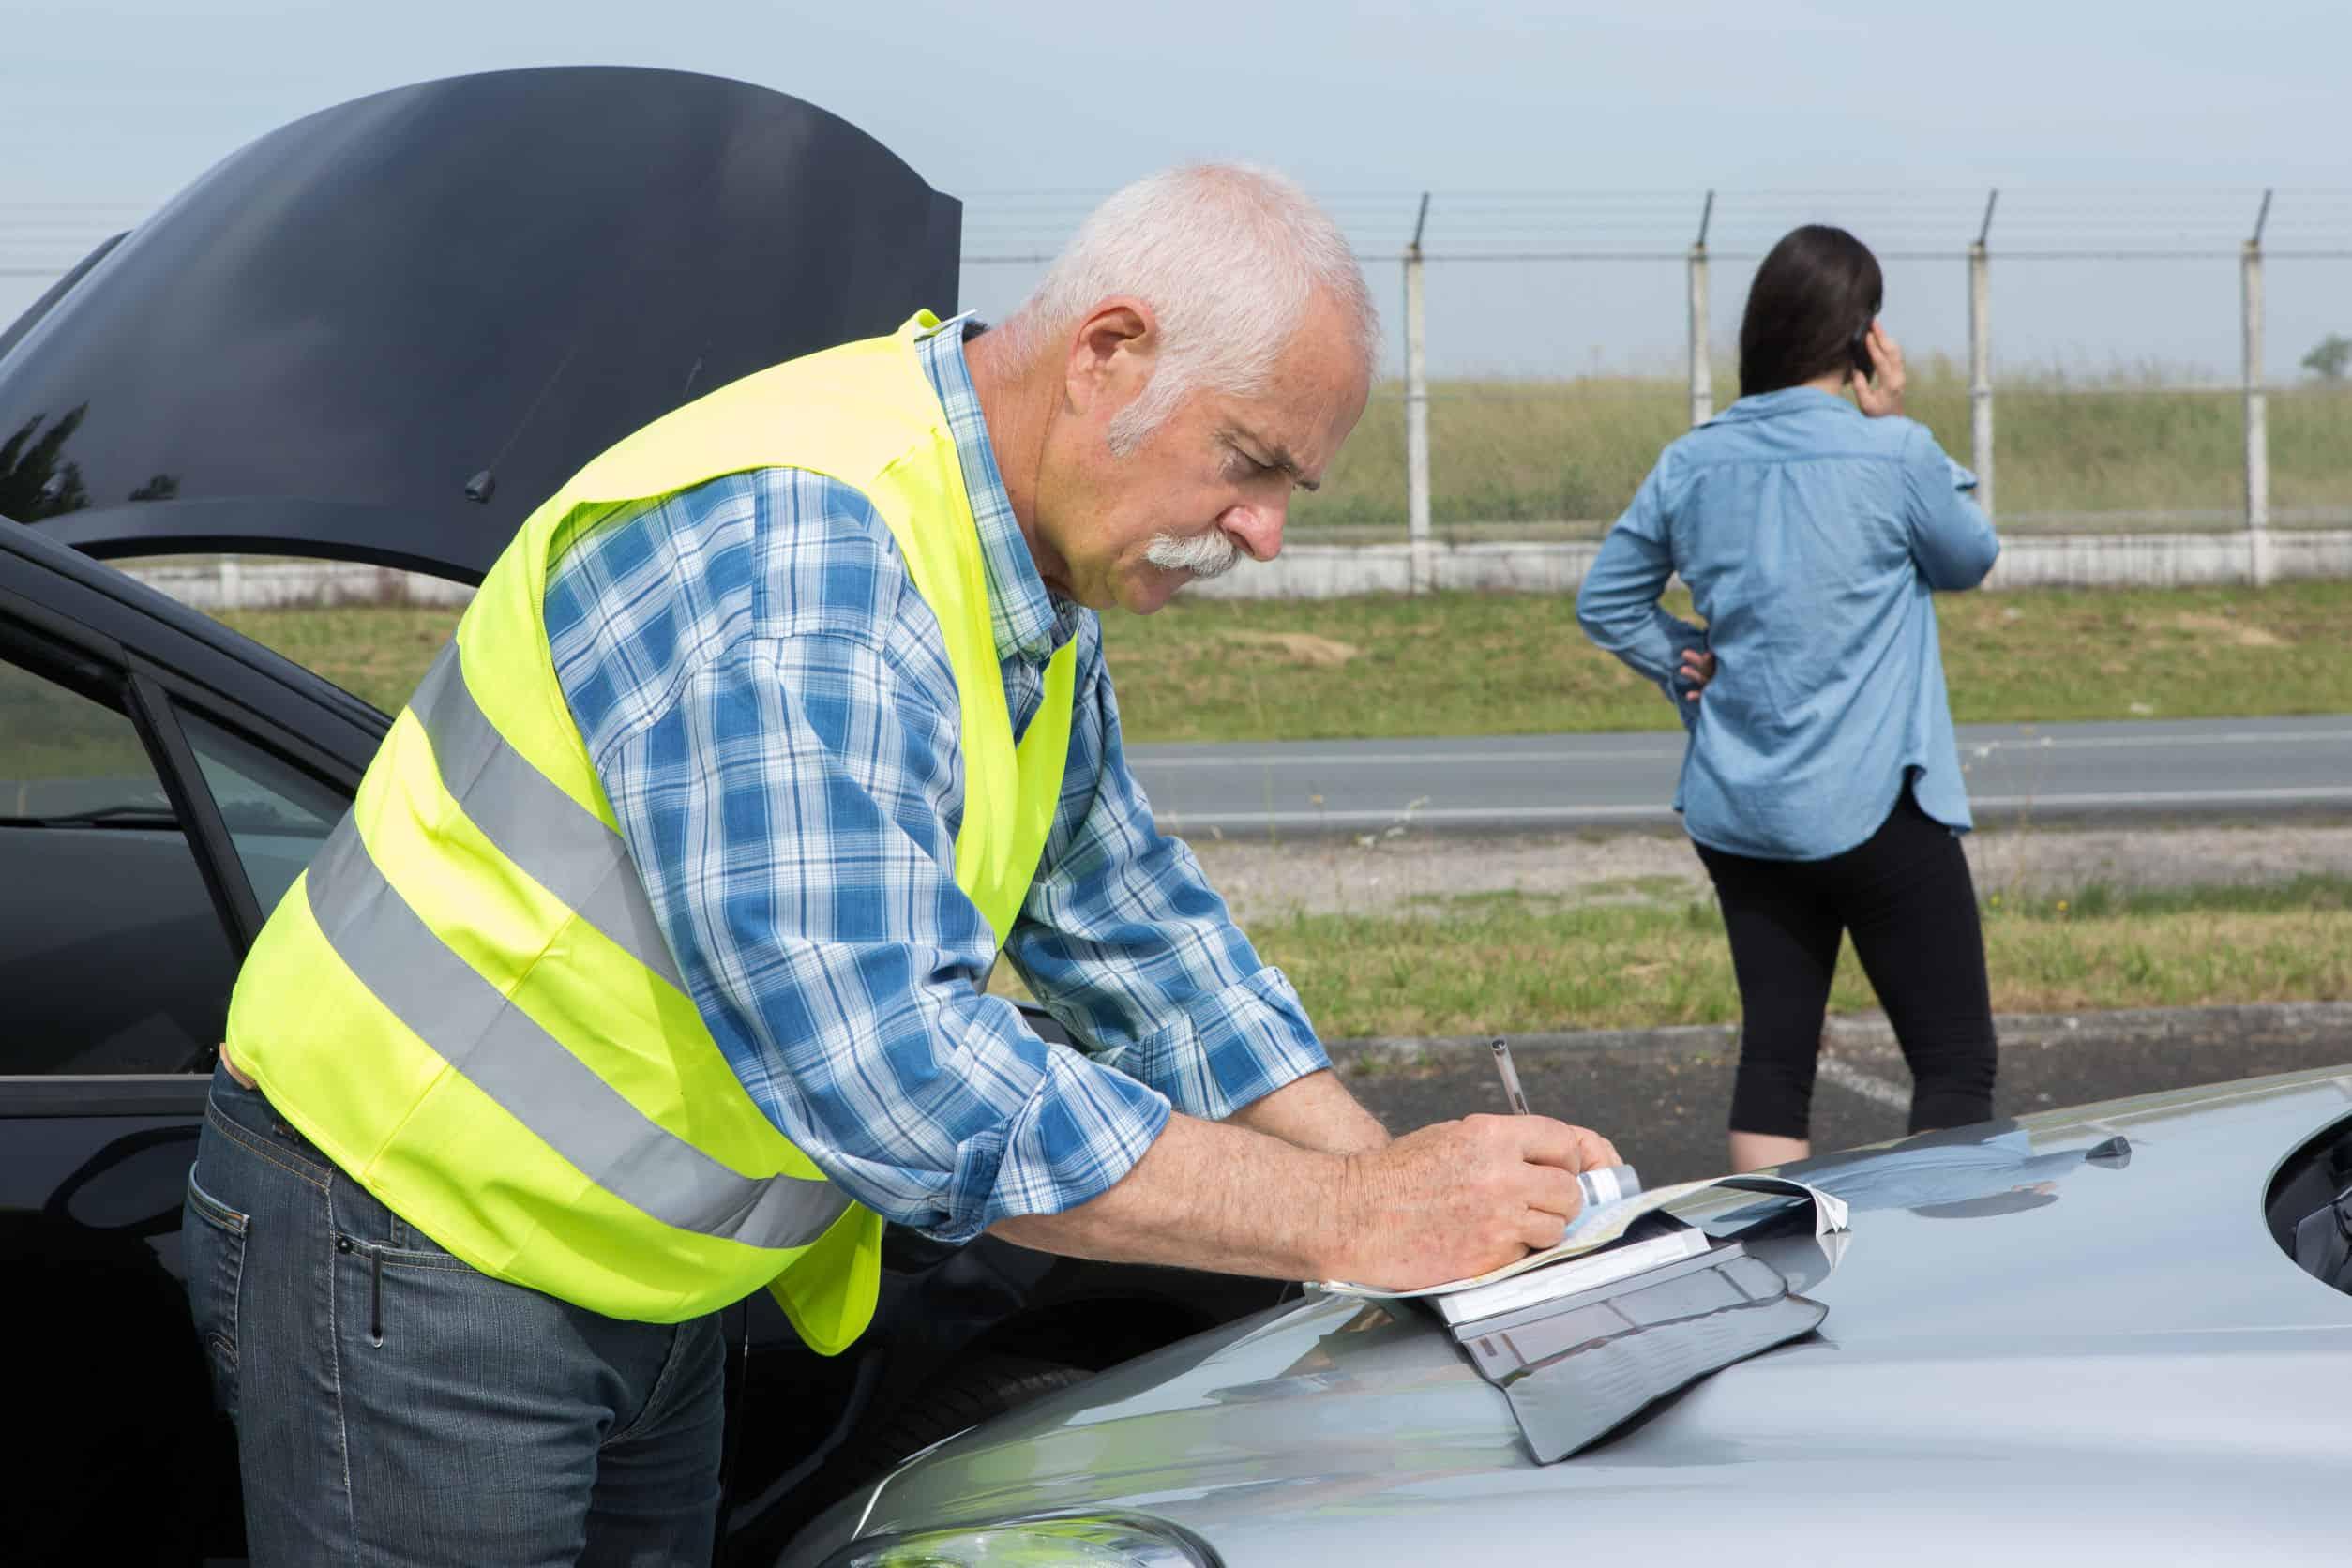 spisywanie oświadczenia na masce auta